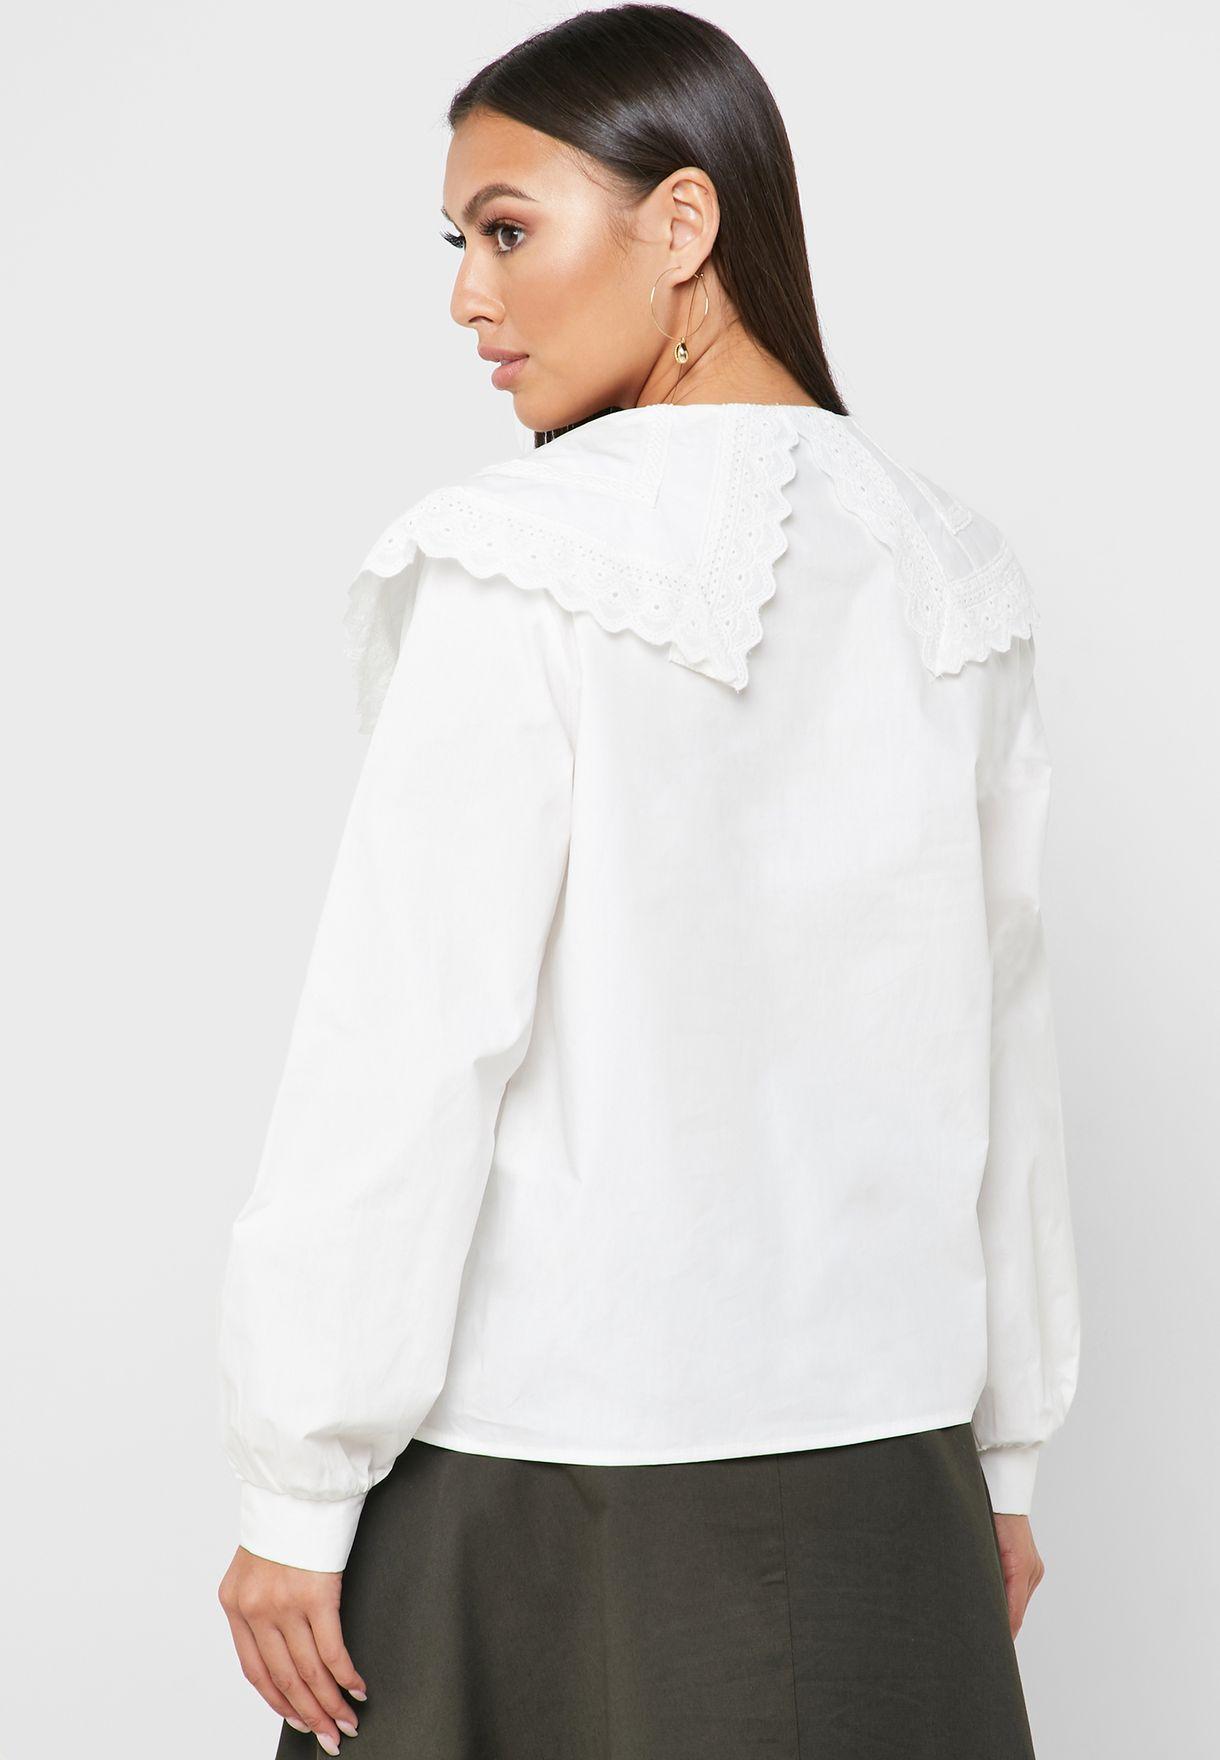 Overlay Button Down Shirt